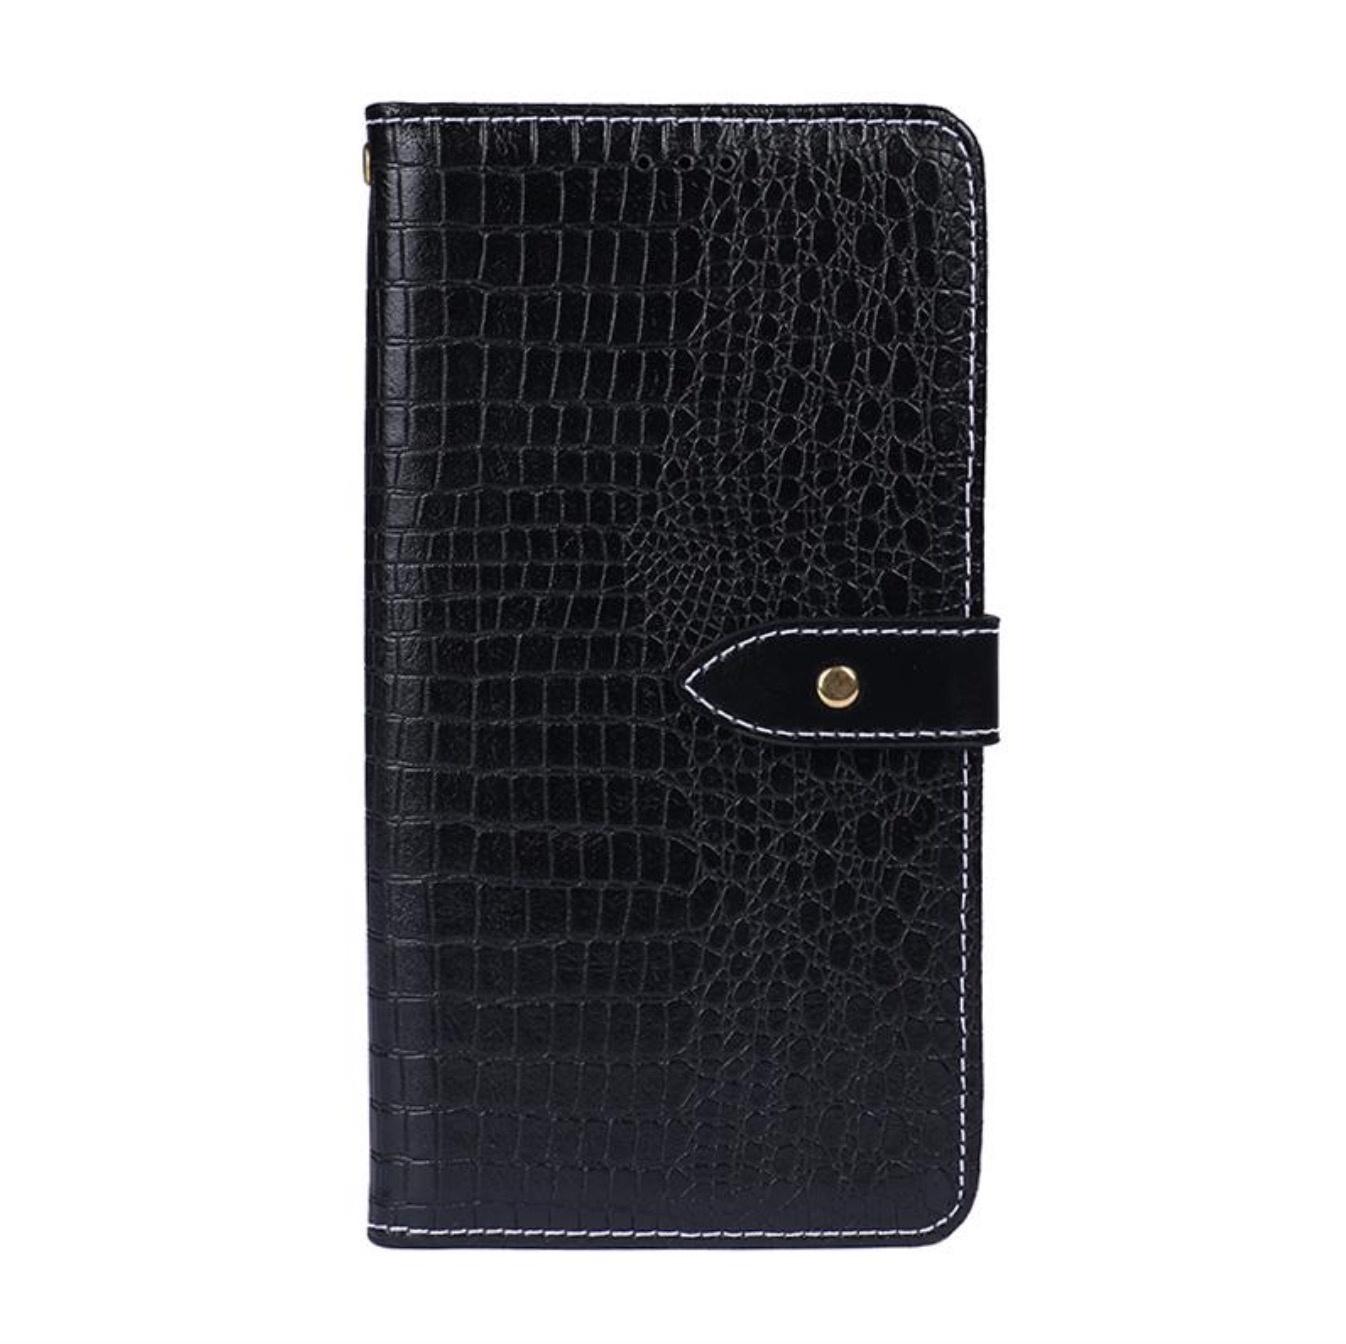 Чехол-книжка MyPads для HTC U Ultra с фактурной прошивкой рельефа кожи крокодила с застежкой и визитницей черный аксессуар чехол для htc u ultra brosco silicone black htc uu tpu black